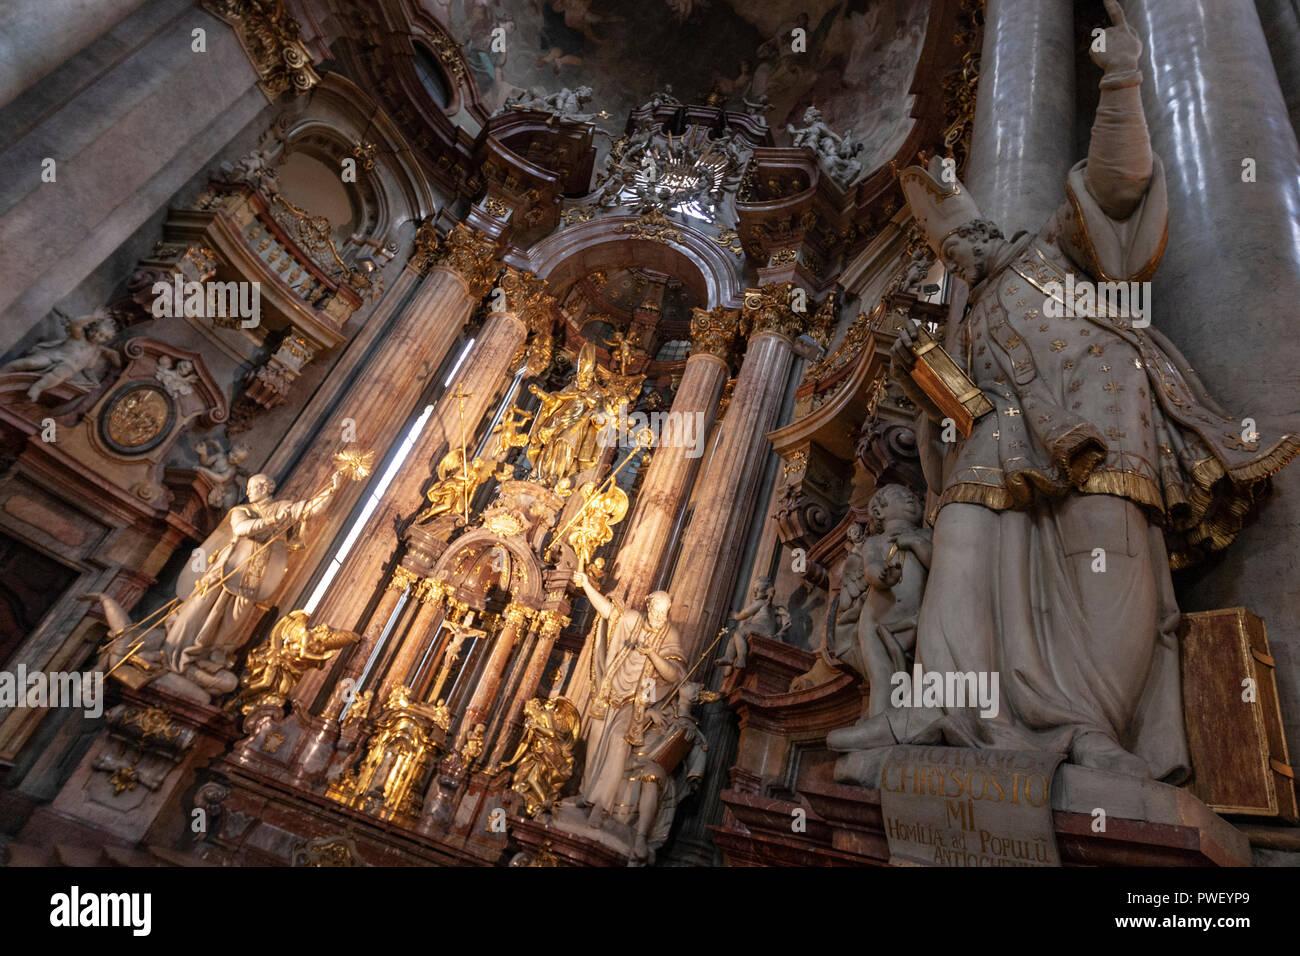 Il grande altare scultura di San Giovanni Crisostomo rivolto verso l'alto fino al cielo, nella chiesa di San Nicola, Malá Strana, Praga, Repubblica Ceca. Immagini Stock